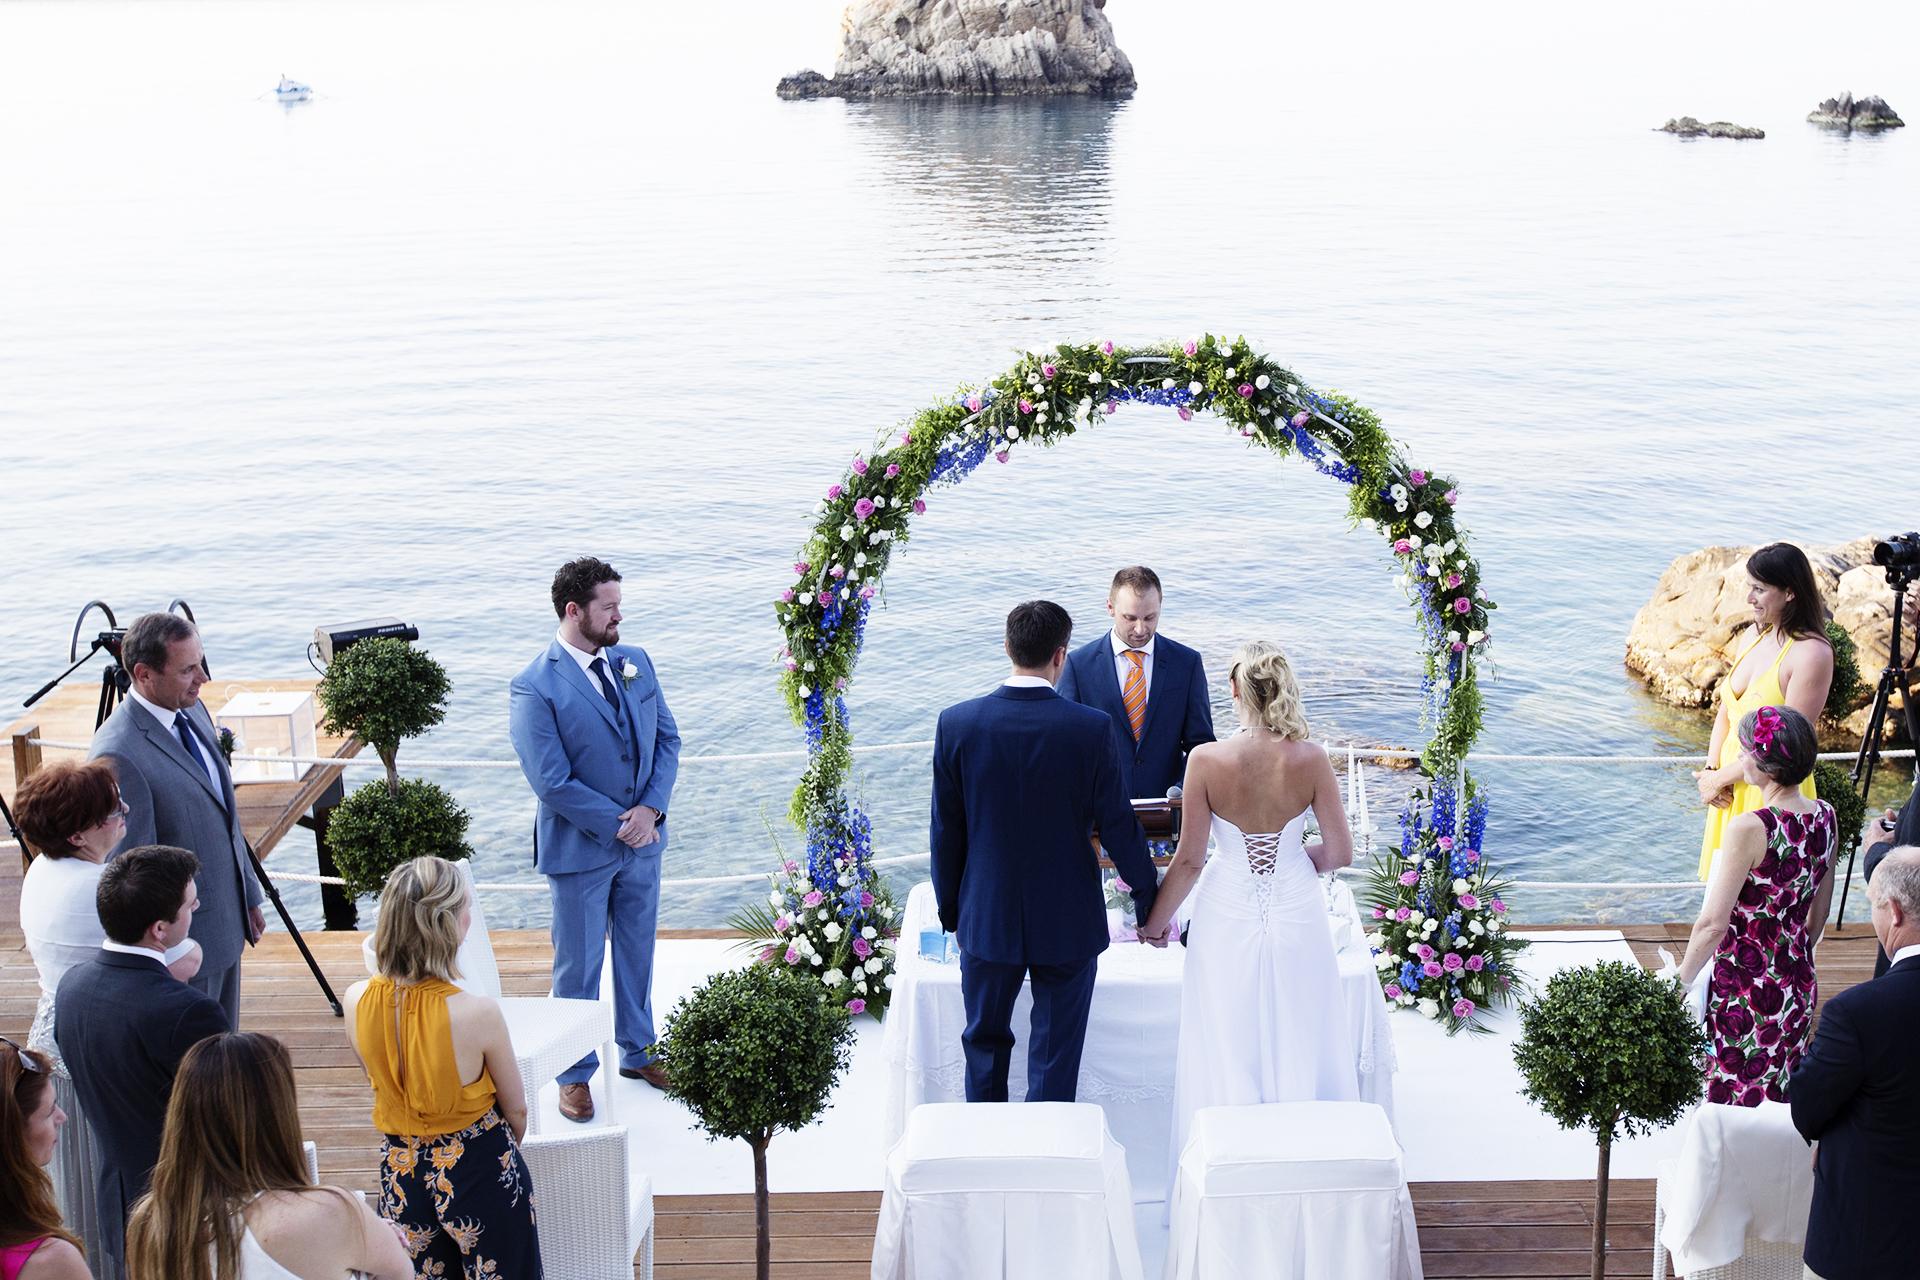 Cefalù, Palermo, Sicilia, Italia Beach Ceremony Image | La cerimonia a Le Calette è stata fotografata da molte angolazioni